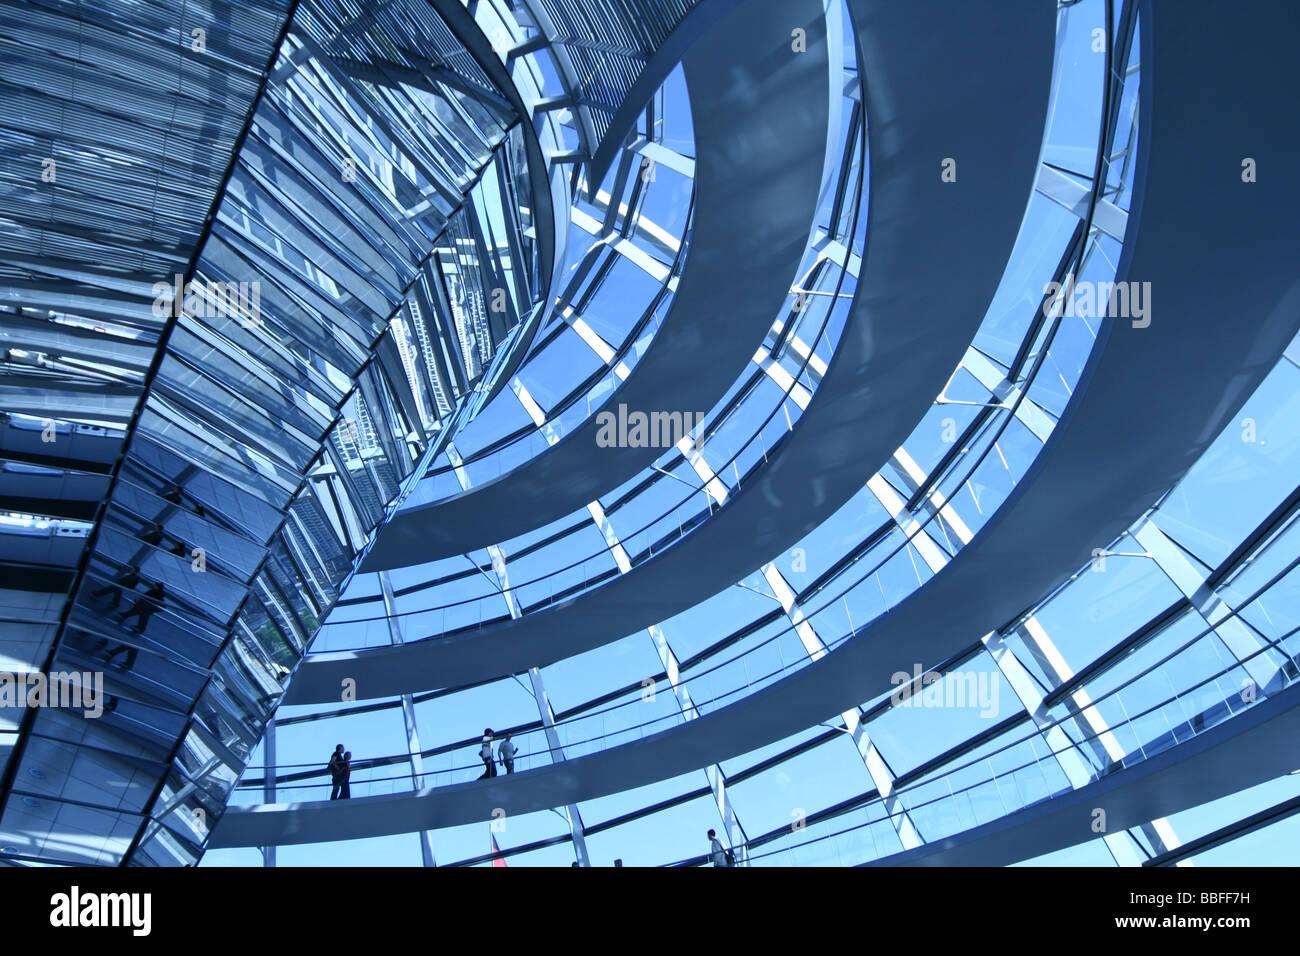 Modernen Kuppel des Reichstags in Berlin. Reichstag ist Deutschlands Parlamentsgebäude Stockbild